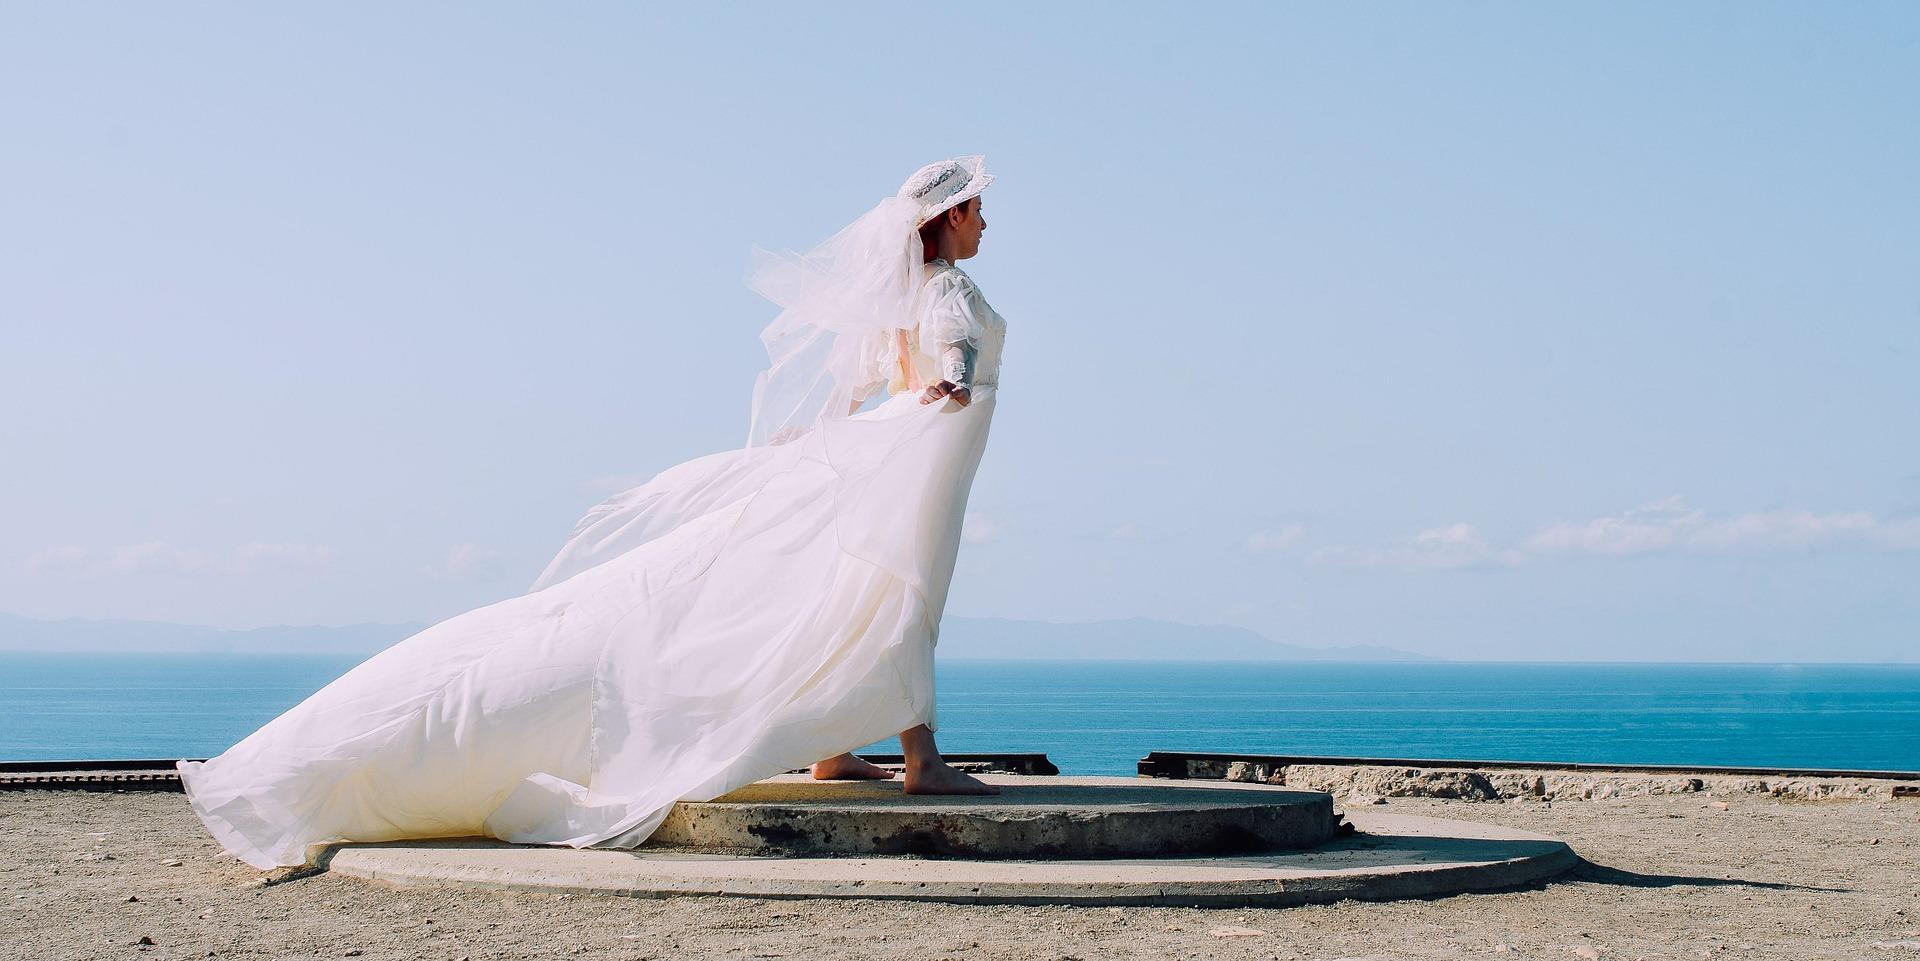 白色婚纱是如何开始流行的?